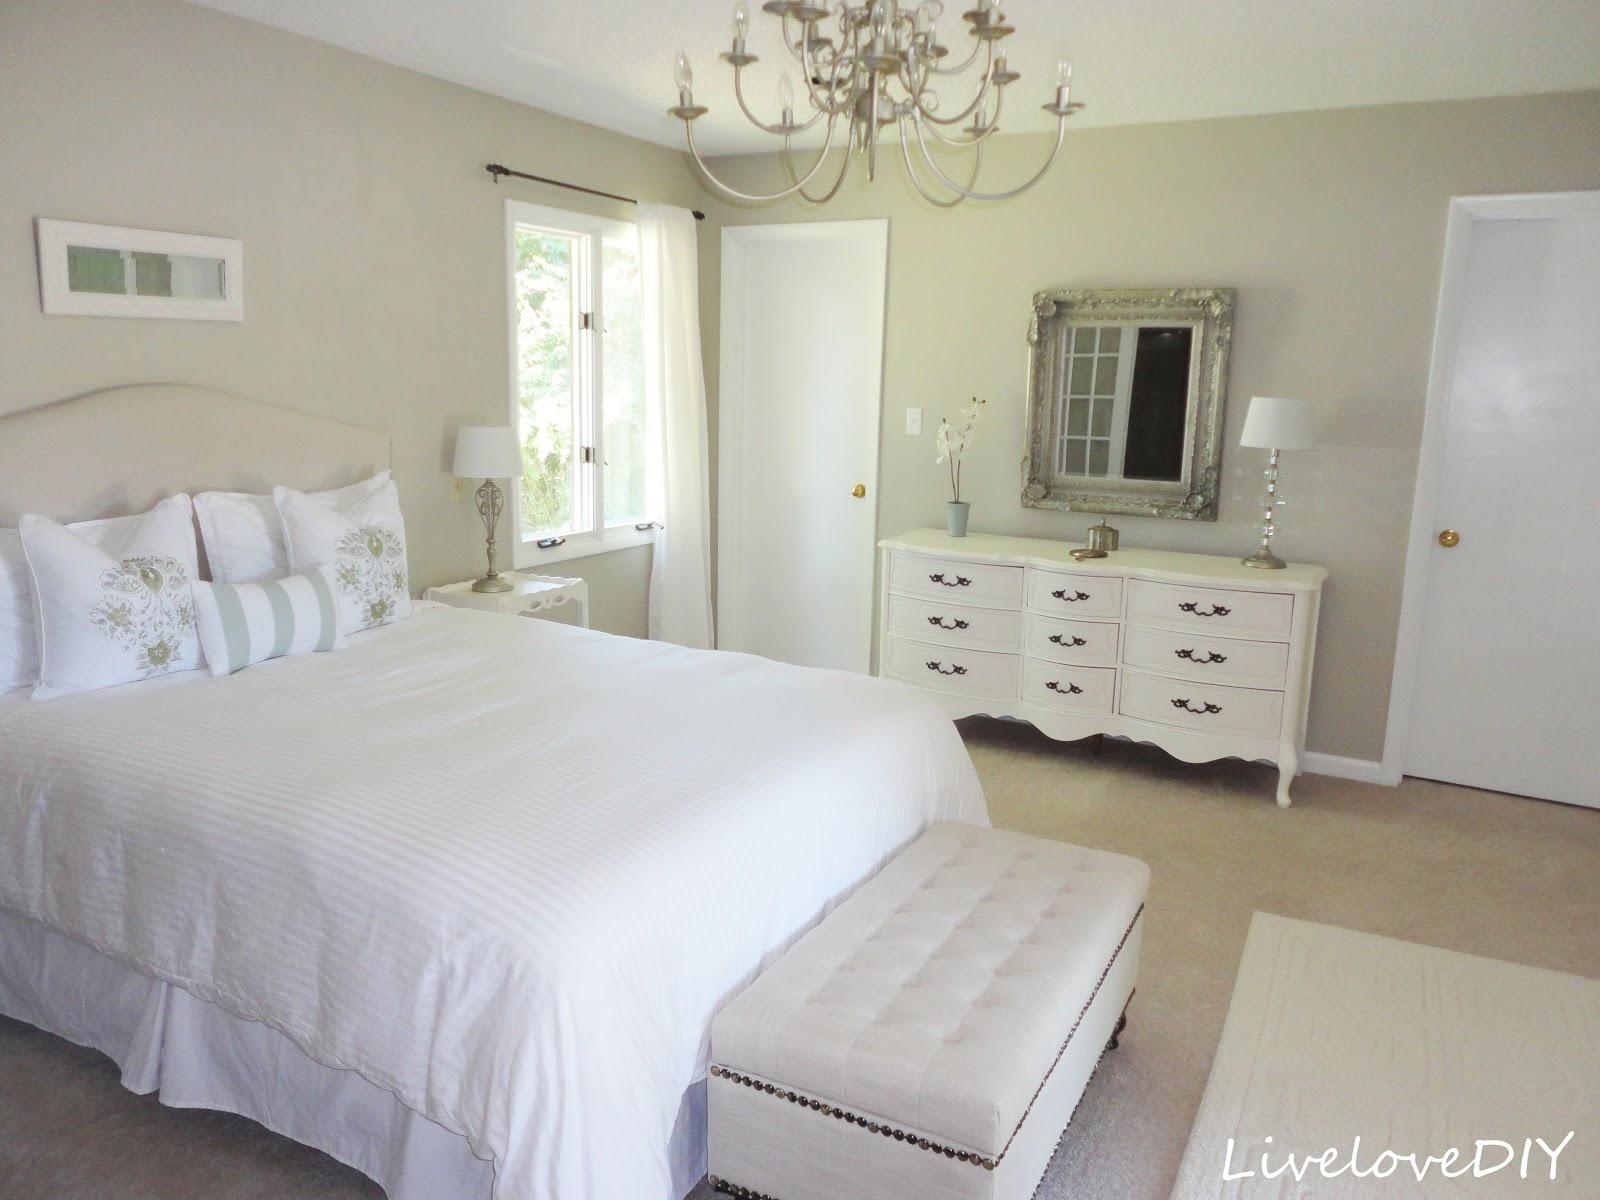 best of the week. Black Bedroom Furniture Sets. Home Design Ideas